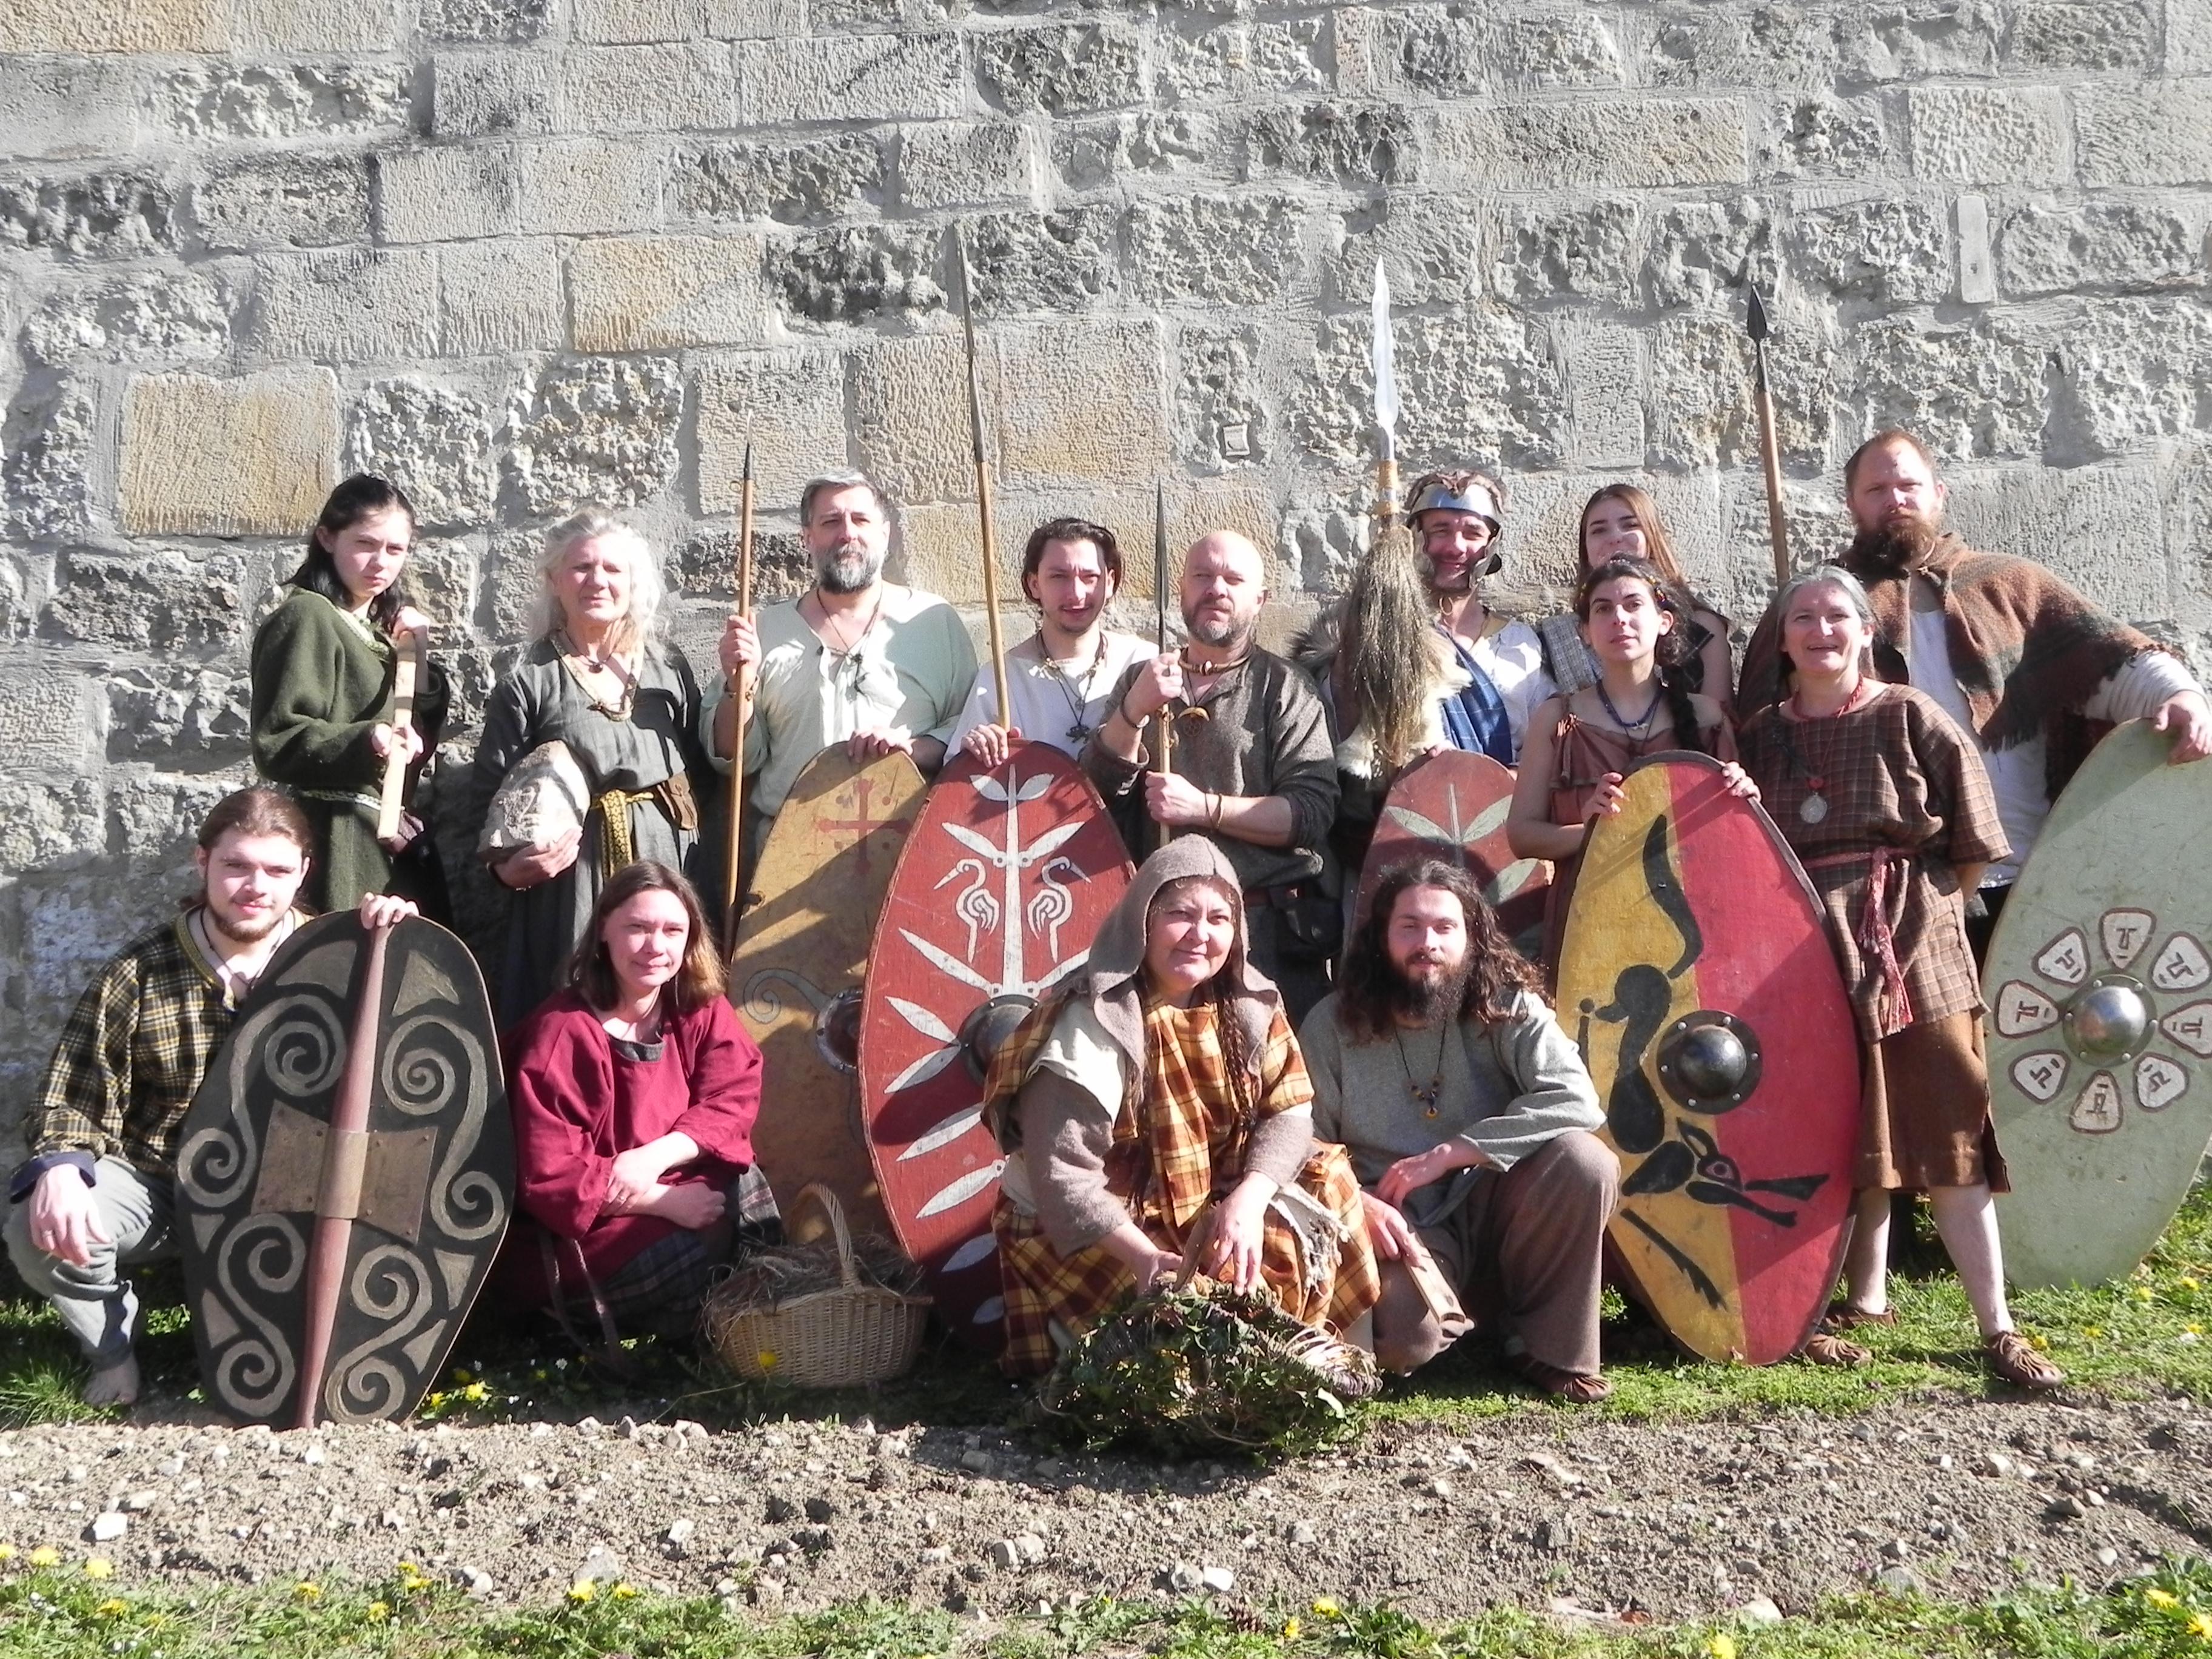 La troupe Mediomatrici présente au festival, édition 2019